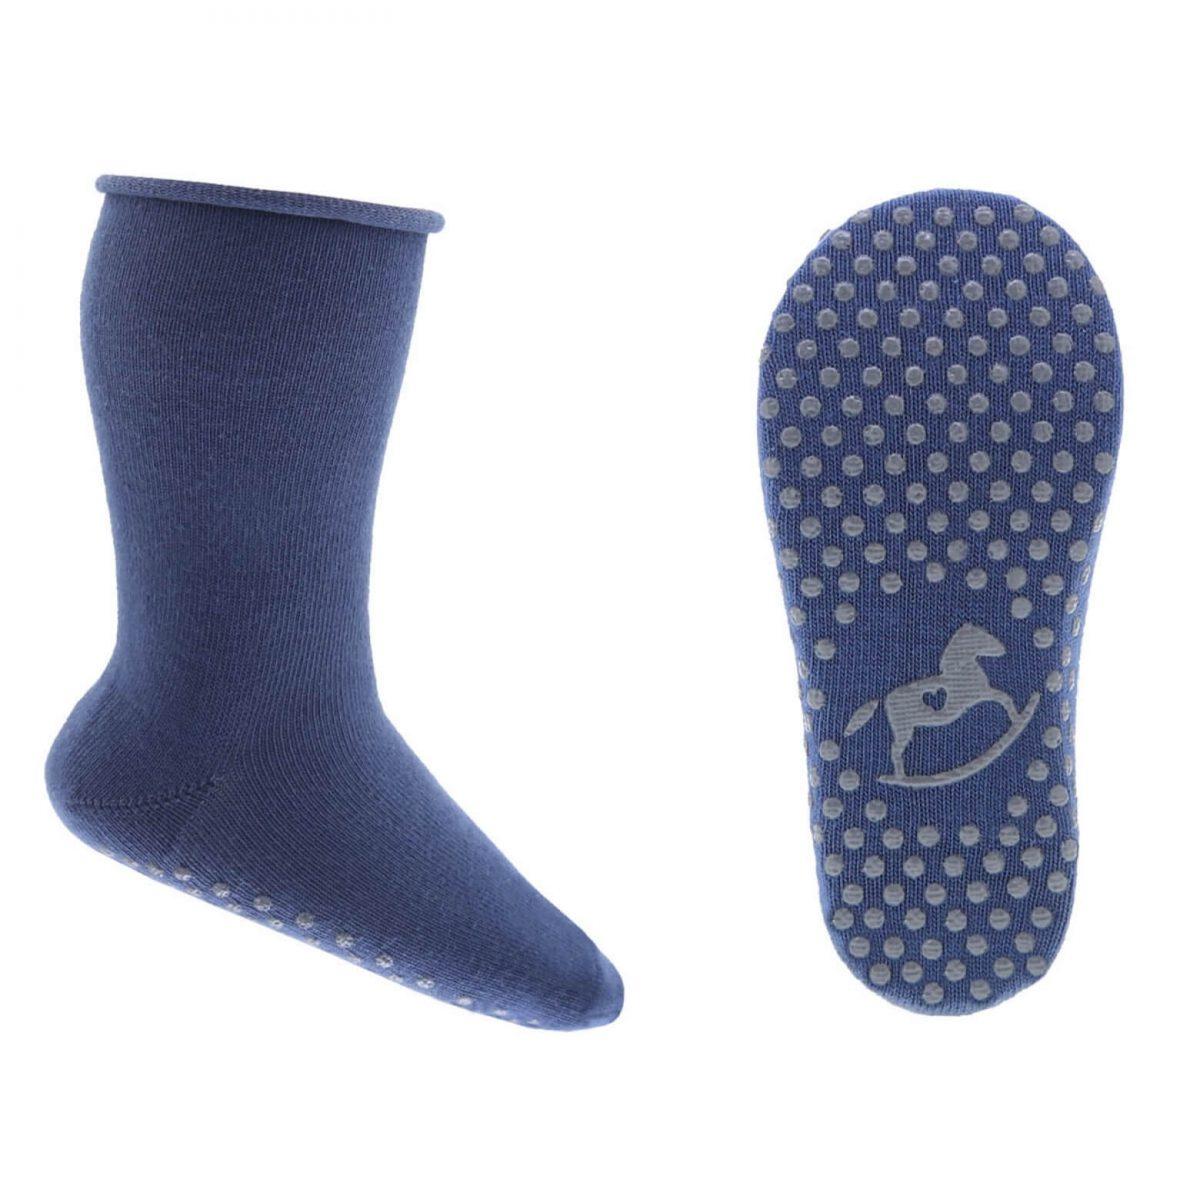 EMEL skarpetki dziecięce ABS dłuższe niebieskie